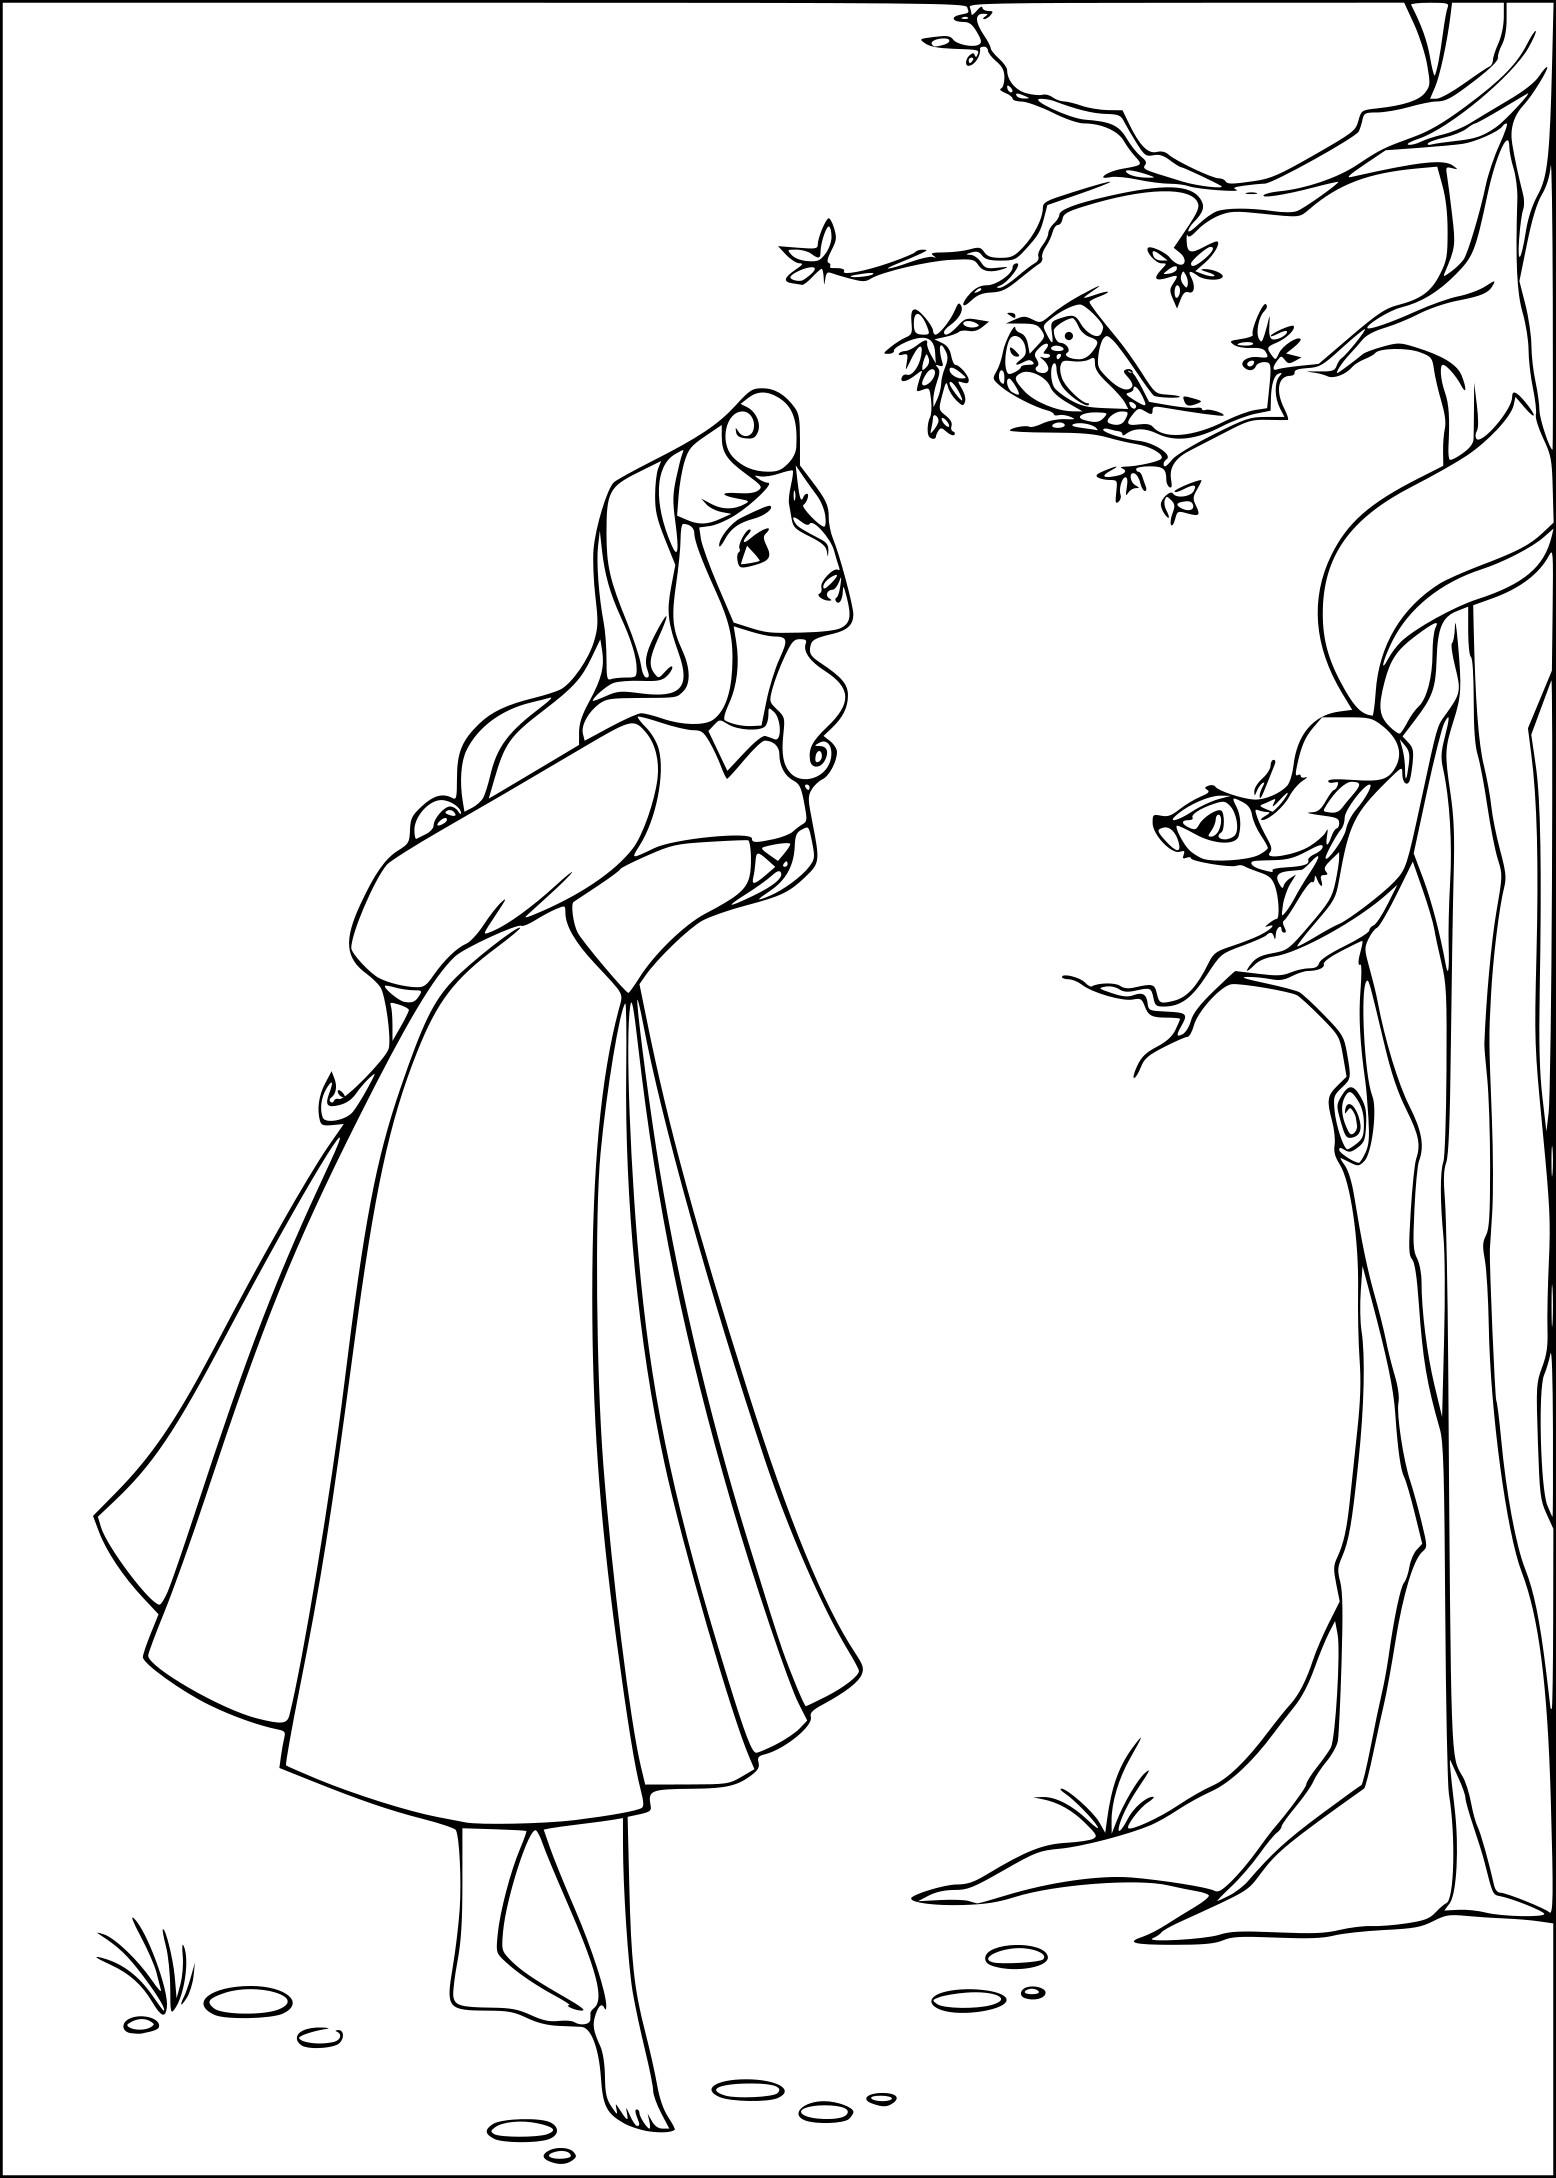 Coloriage Princesse Belle Au Bois Dormant à Imprimer Sur